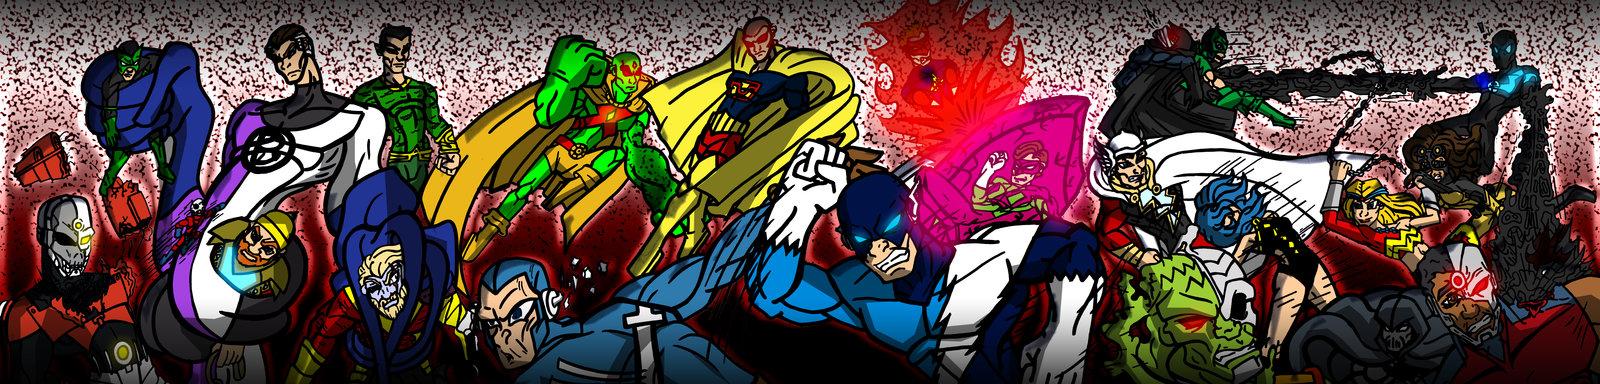 Amalgam Justice League vs Amalgam Crime Syndicate by Comicboy02